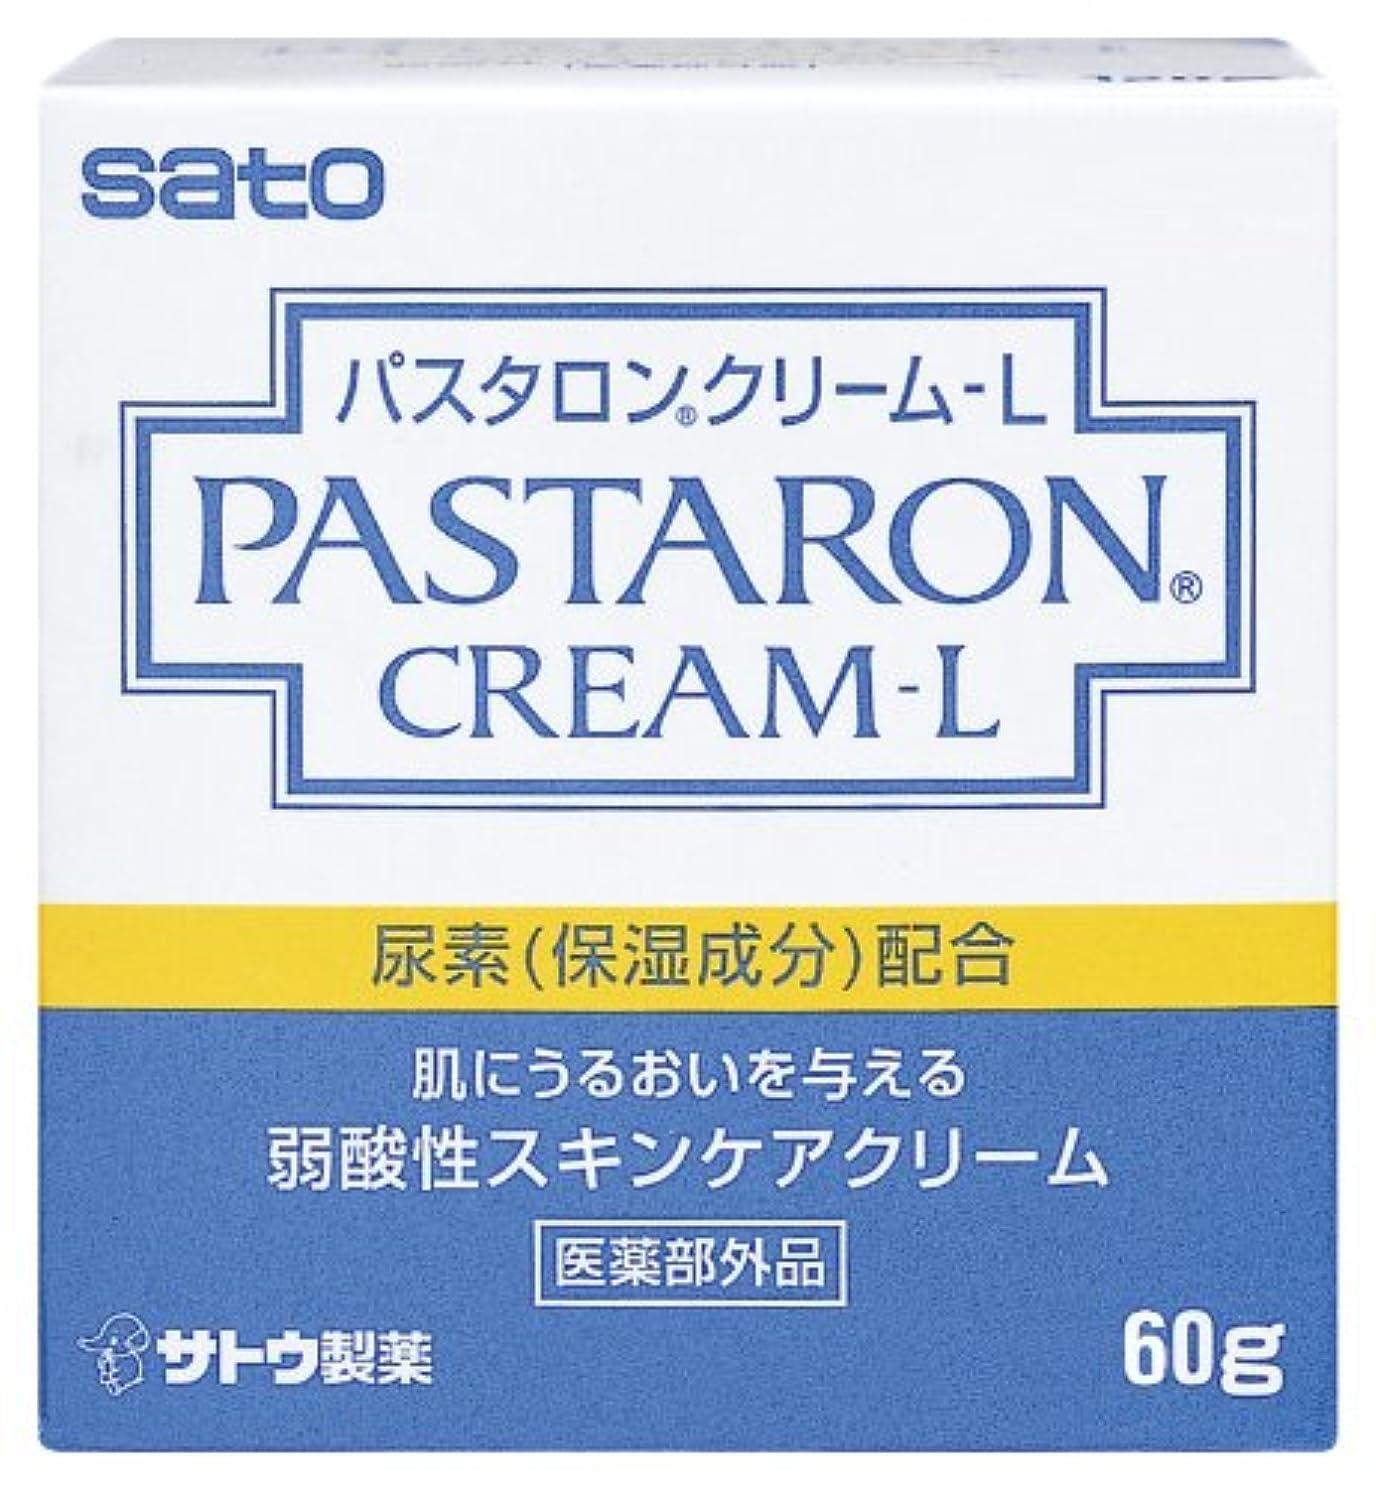 アドバイス無駄な集団的パスタロンクリーム-L 60g